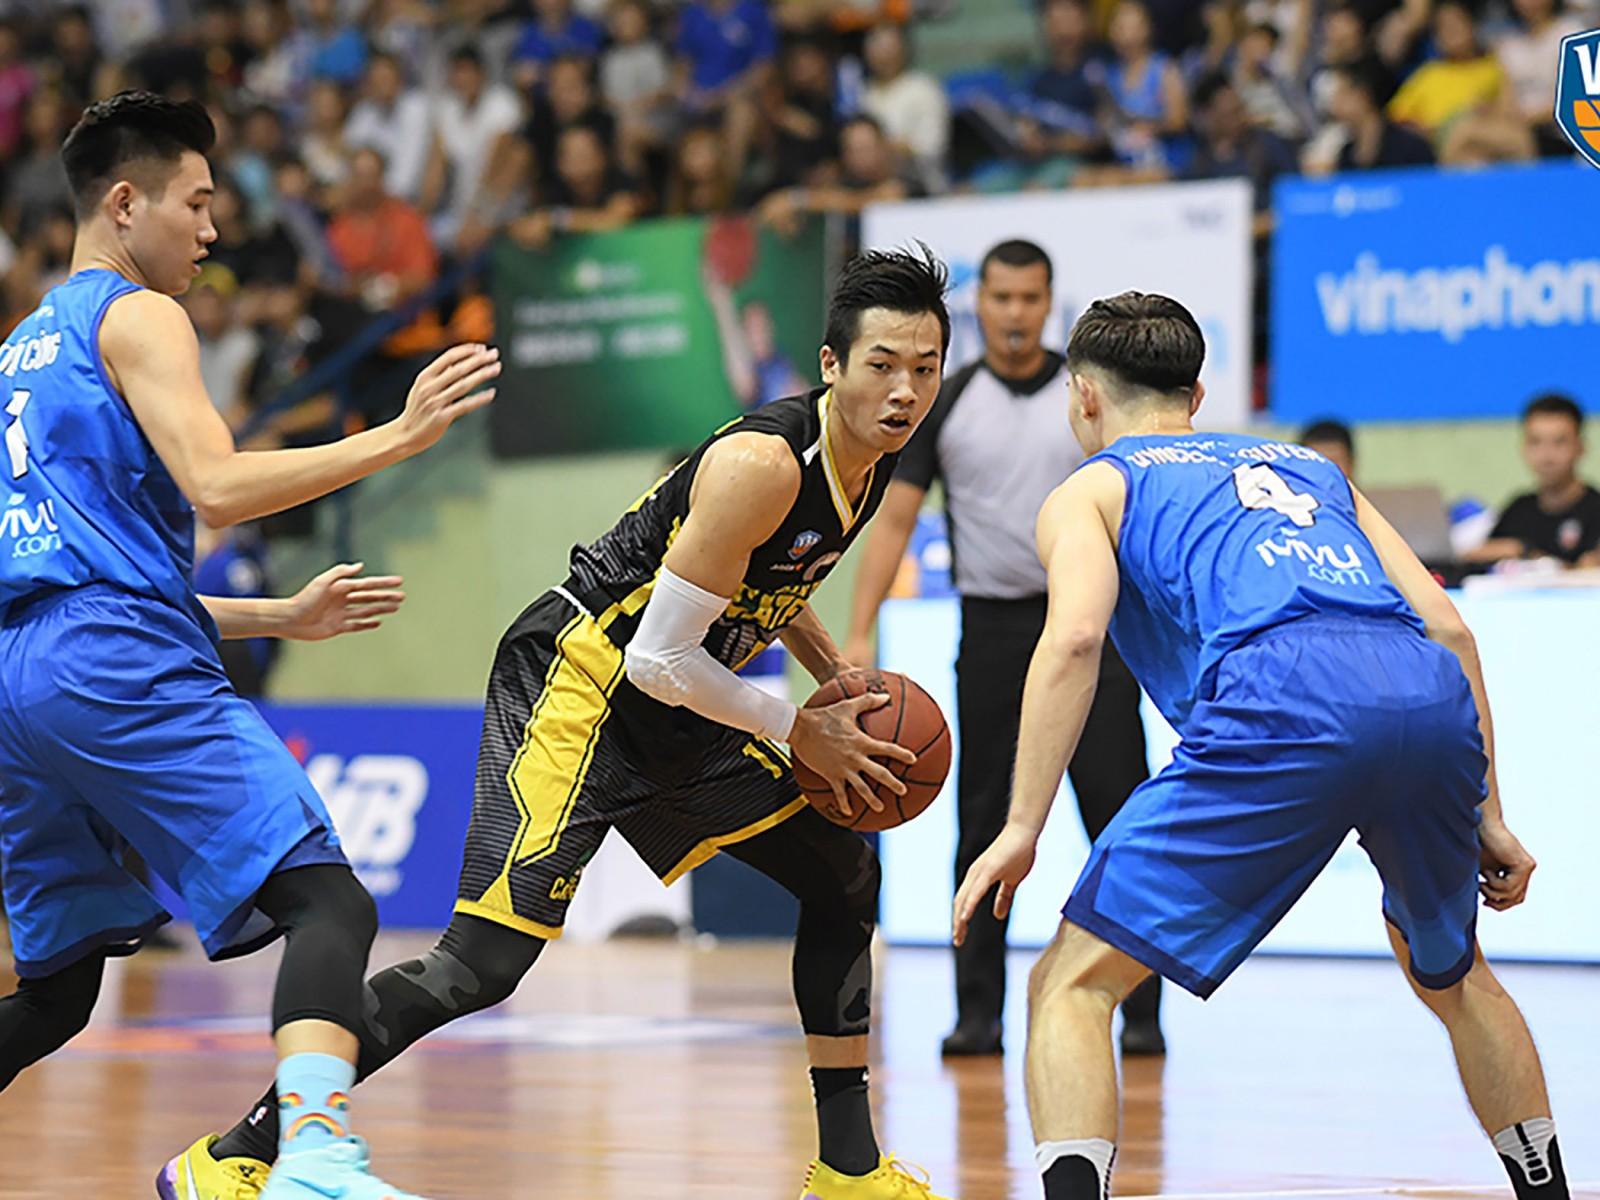 Đinh Thanh Sang (đang giữ bóng) cầu thủ được bảo vệ của đương kim vô địch Cantho Catfish. Ảnh: VBA.VN